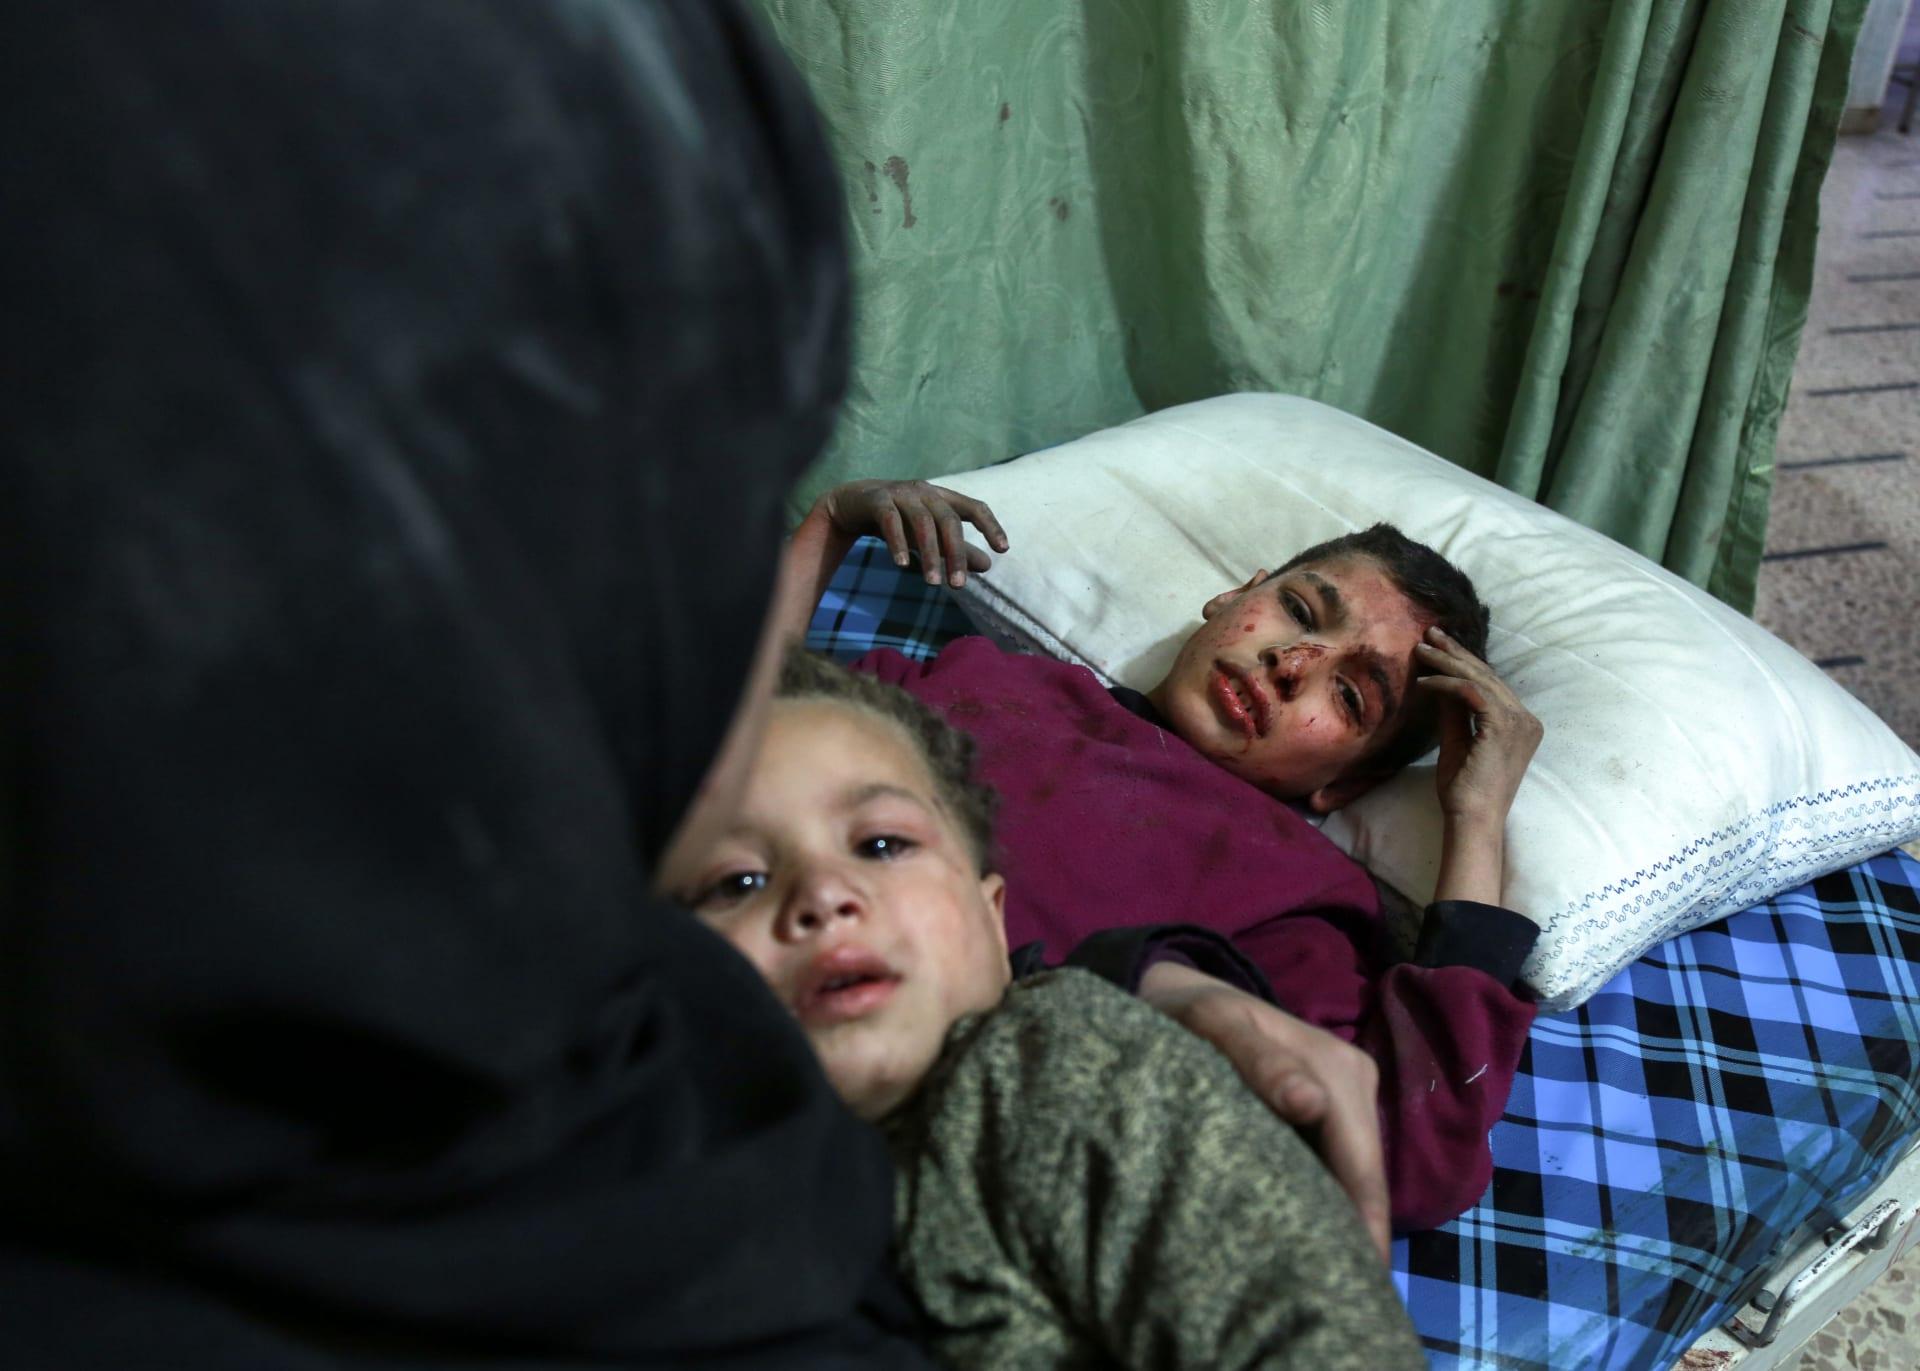 قائد الأركان الإيراني: الهجوم على جبهة النصرة في الغوطة مستمر